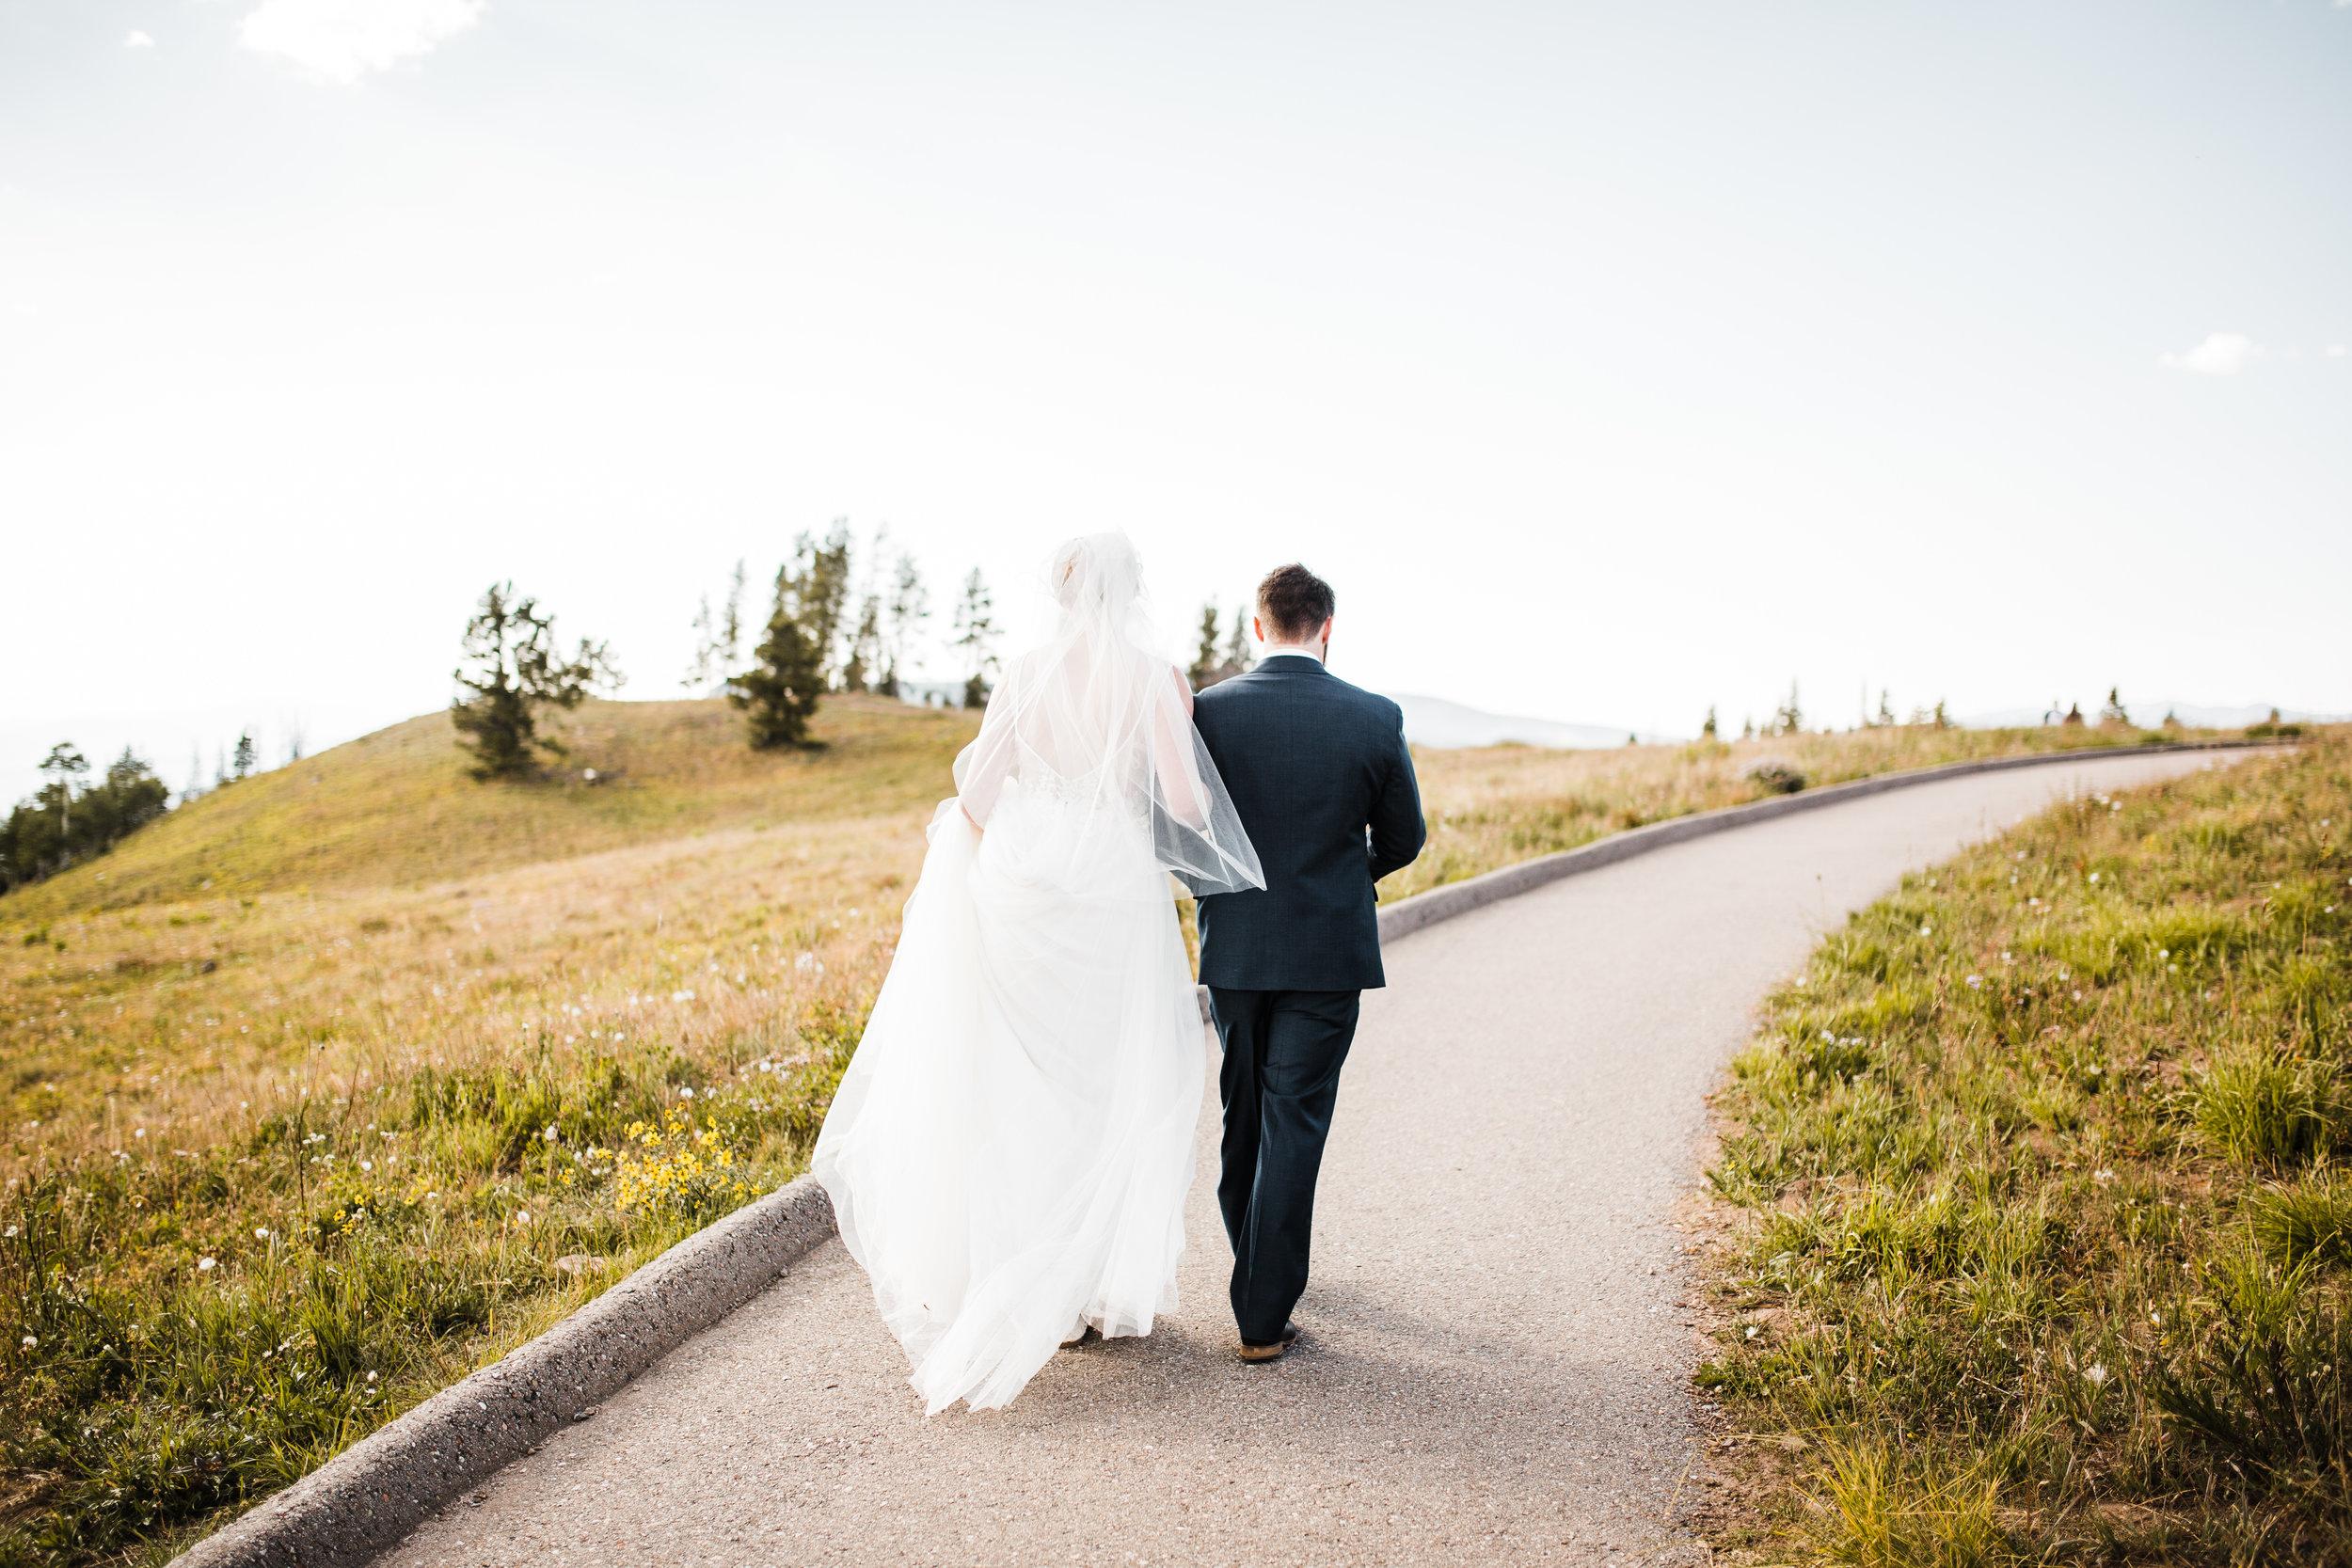 Vailcoloradomountainwedding.jpg